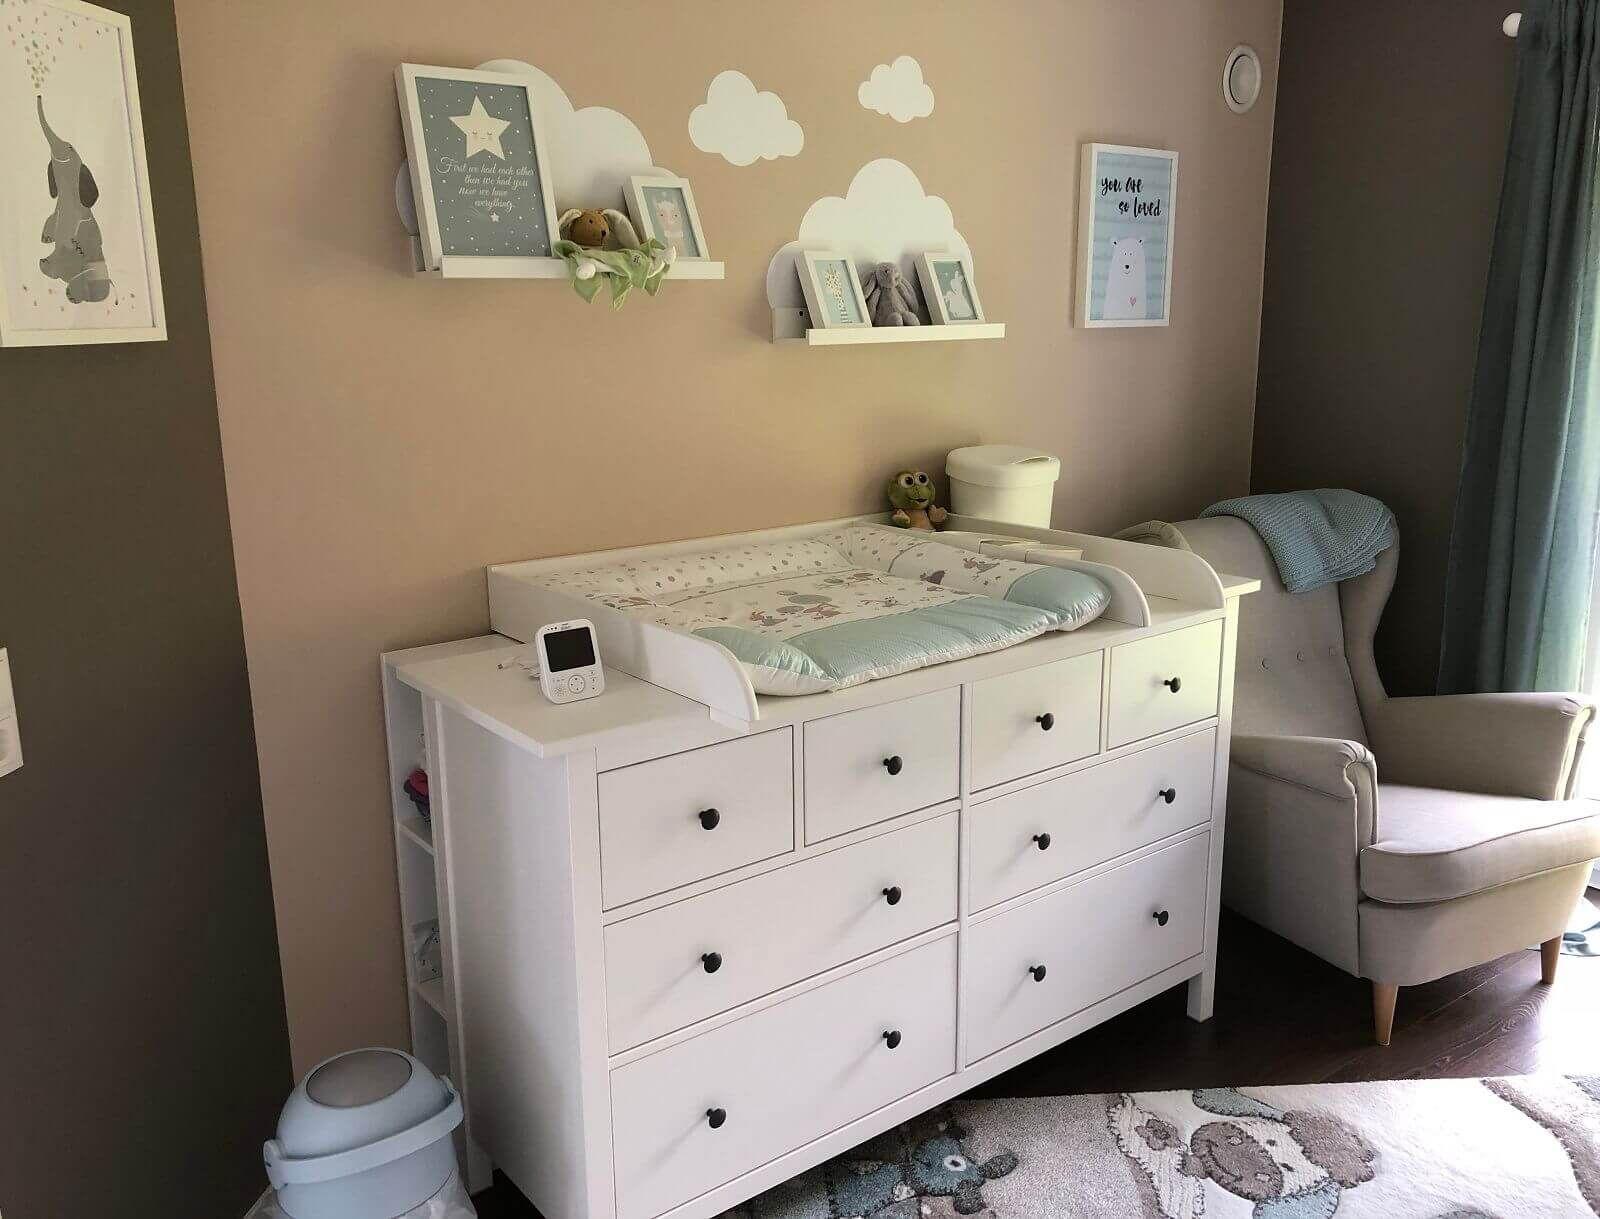 Ikea hemnes als wickelkommode mit wickelauflage und deko for Babyzimmer gestalten ikea